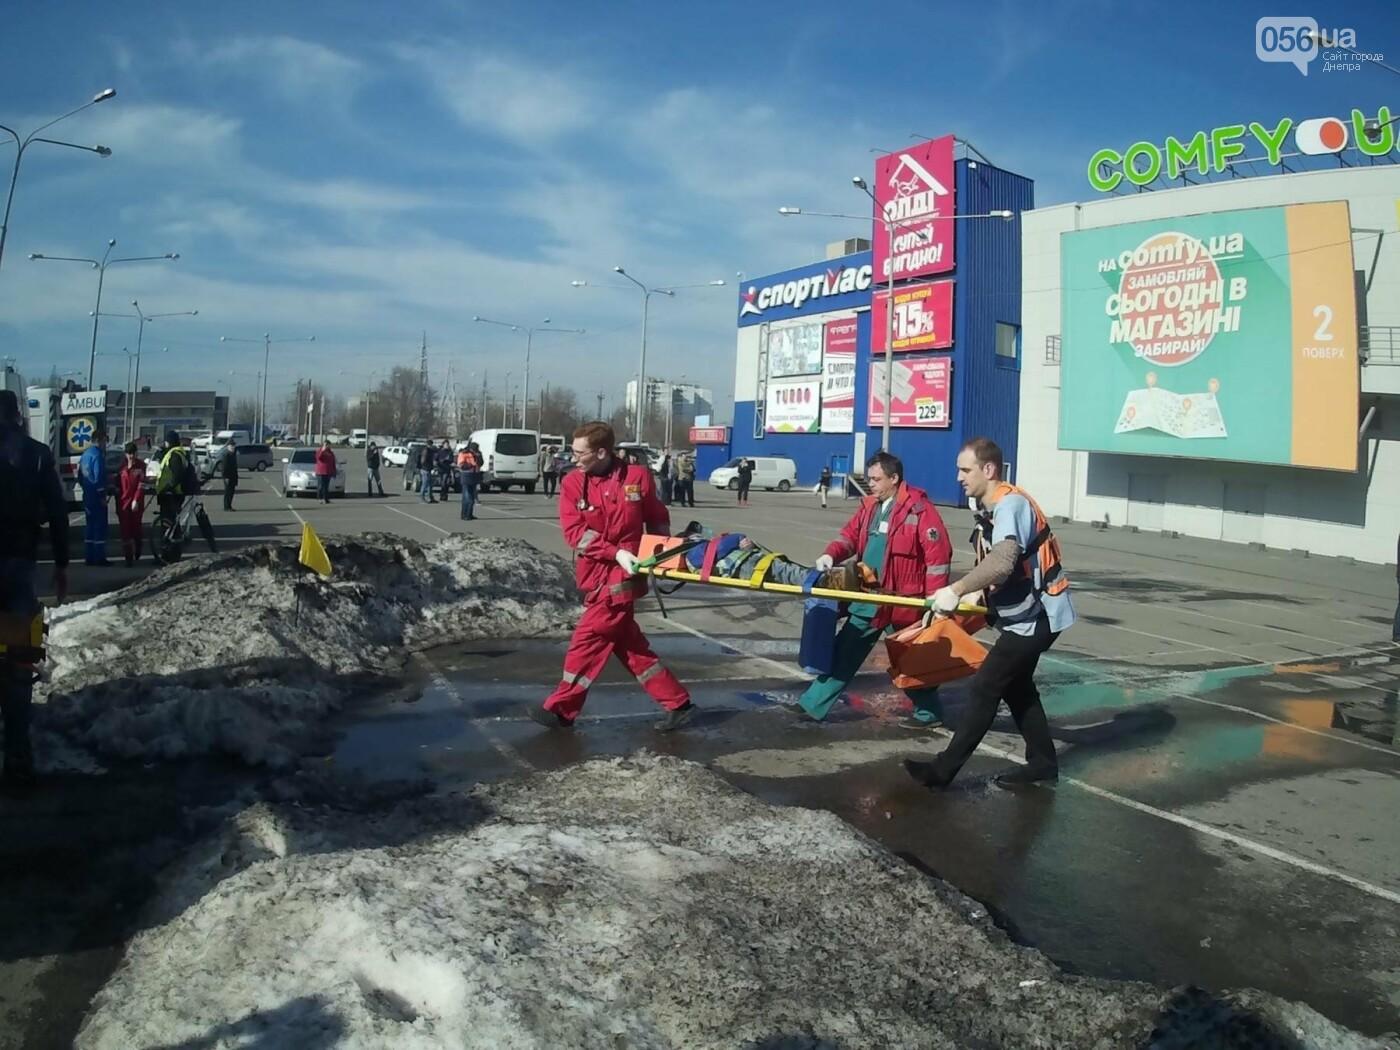 В Днепре спасатели эвакуировали персонал и посетителей из «Каравана» (ФОТО, ВИДЕО), фото-6